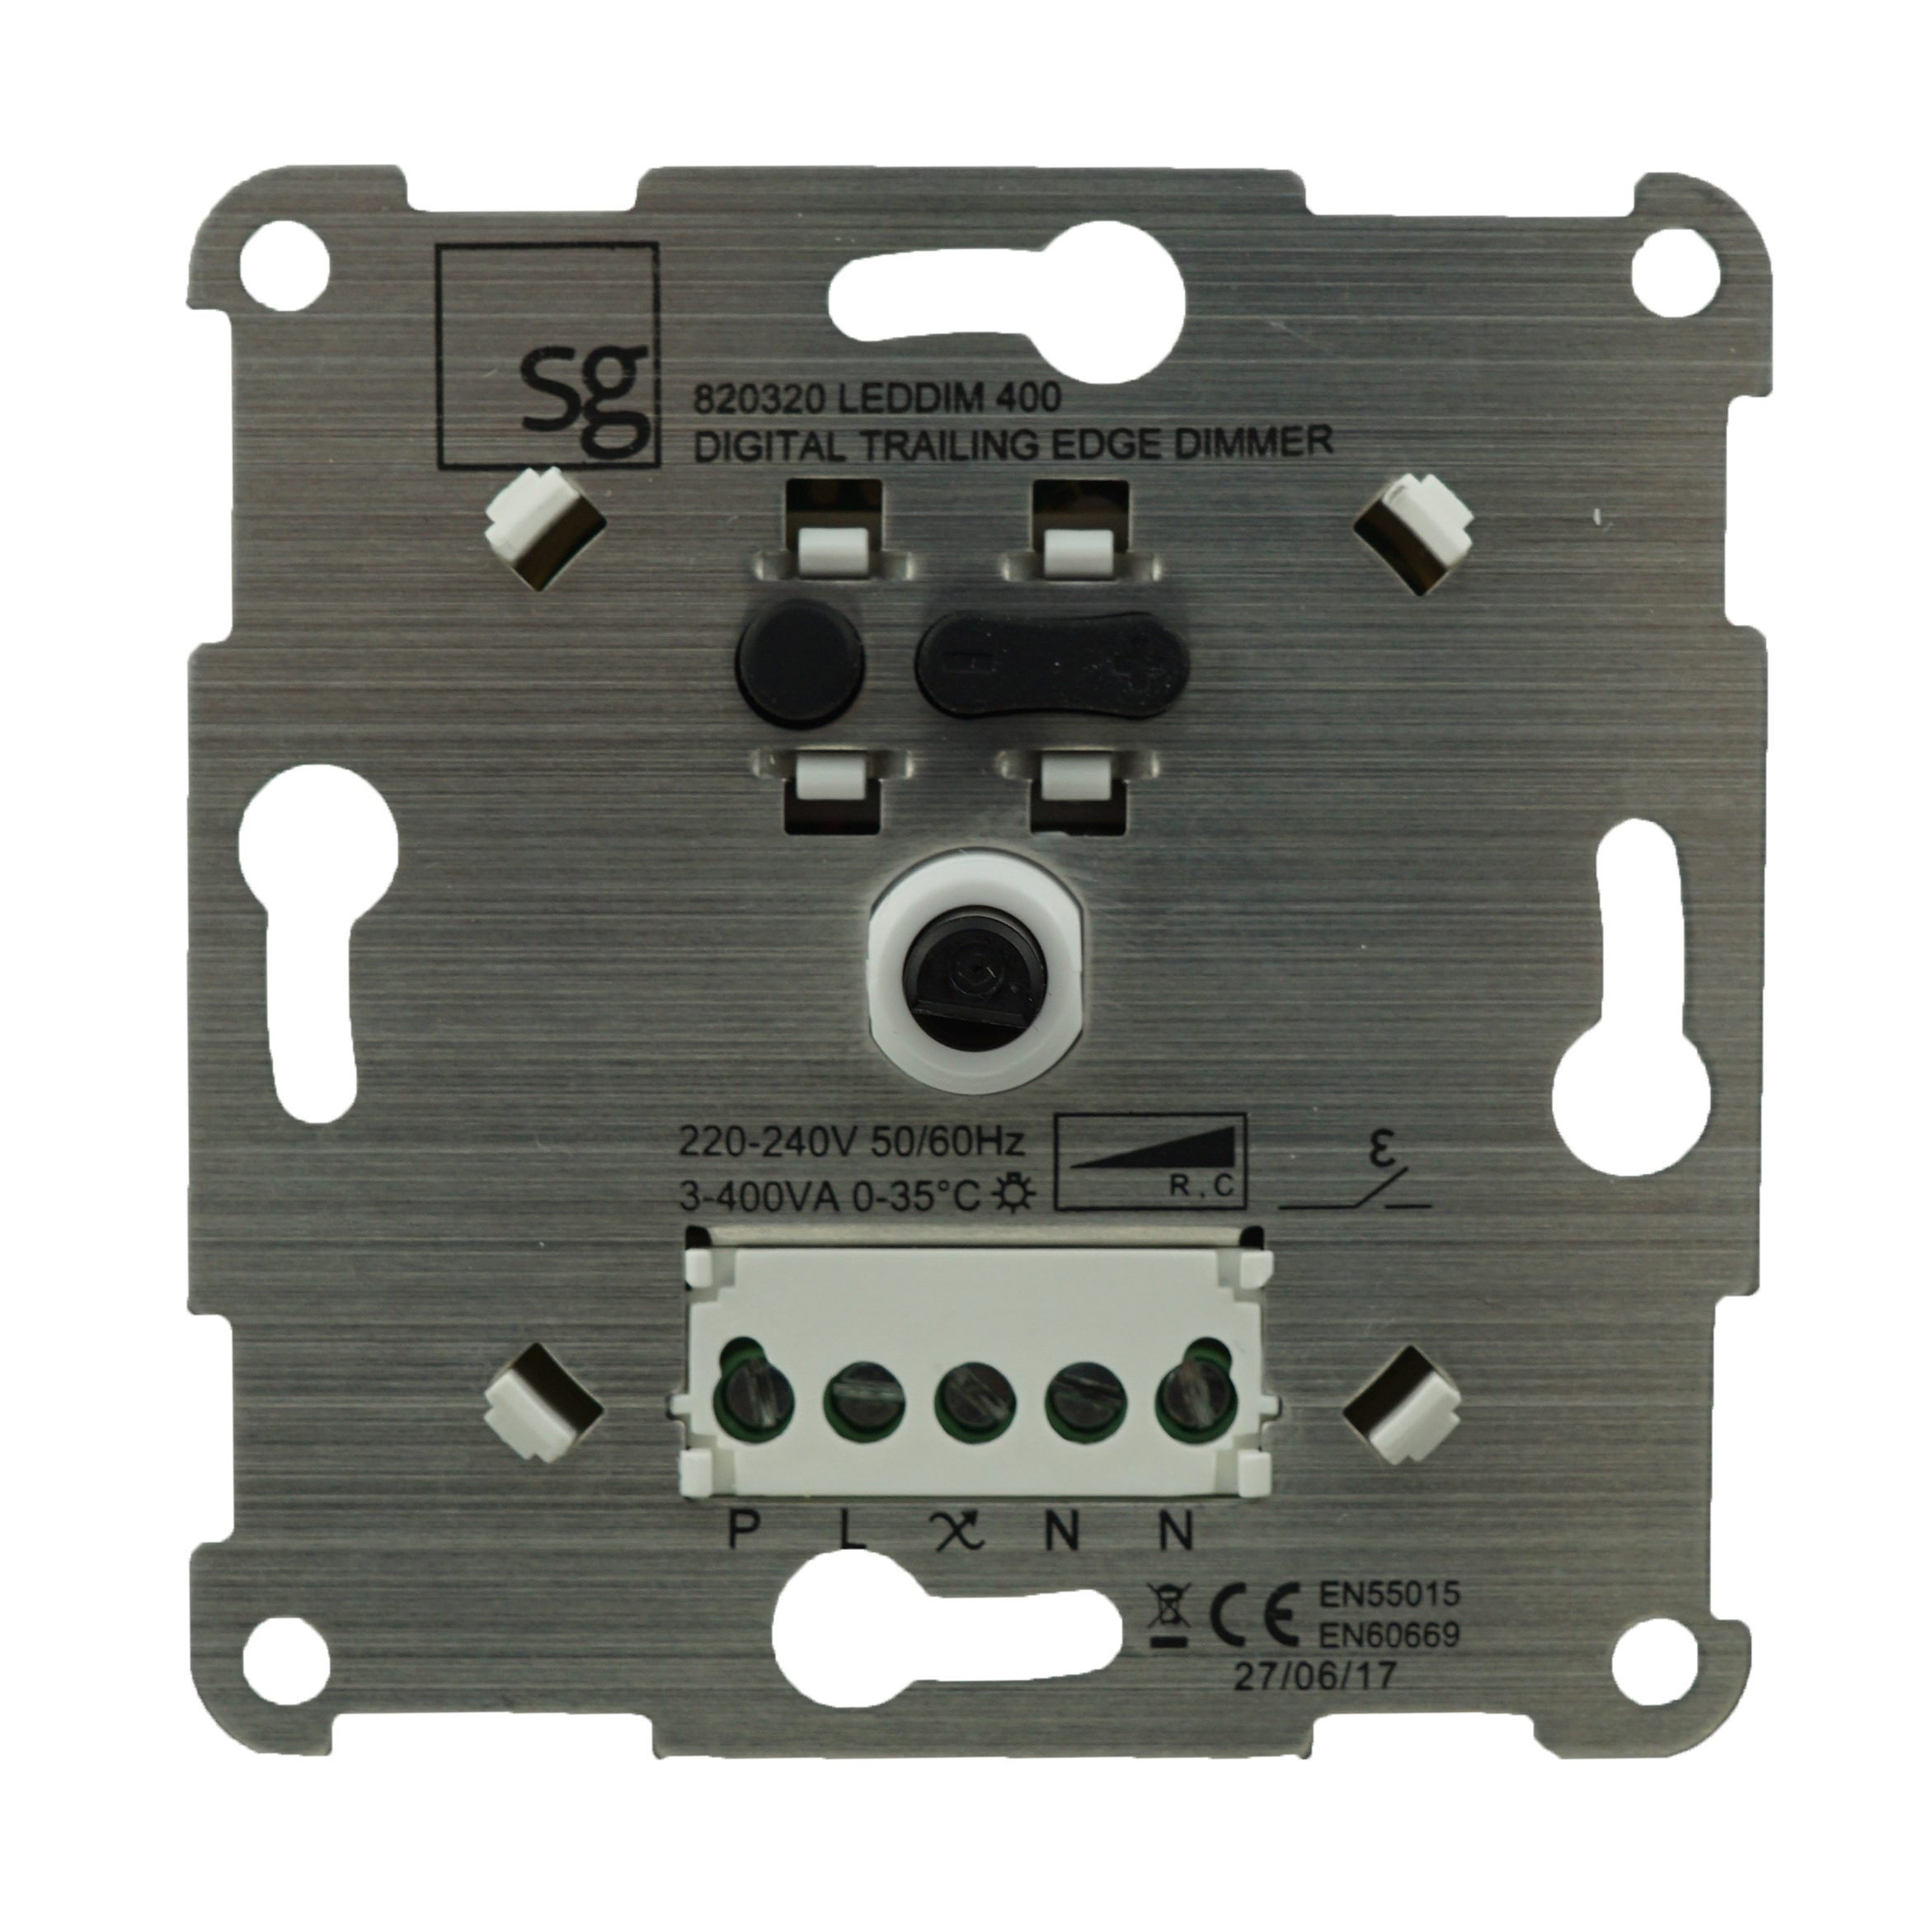 1 Stk Dimmereinsatz 3-400 VA für dimmbare LED mit Abdeckung EV103025--